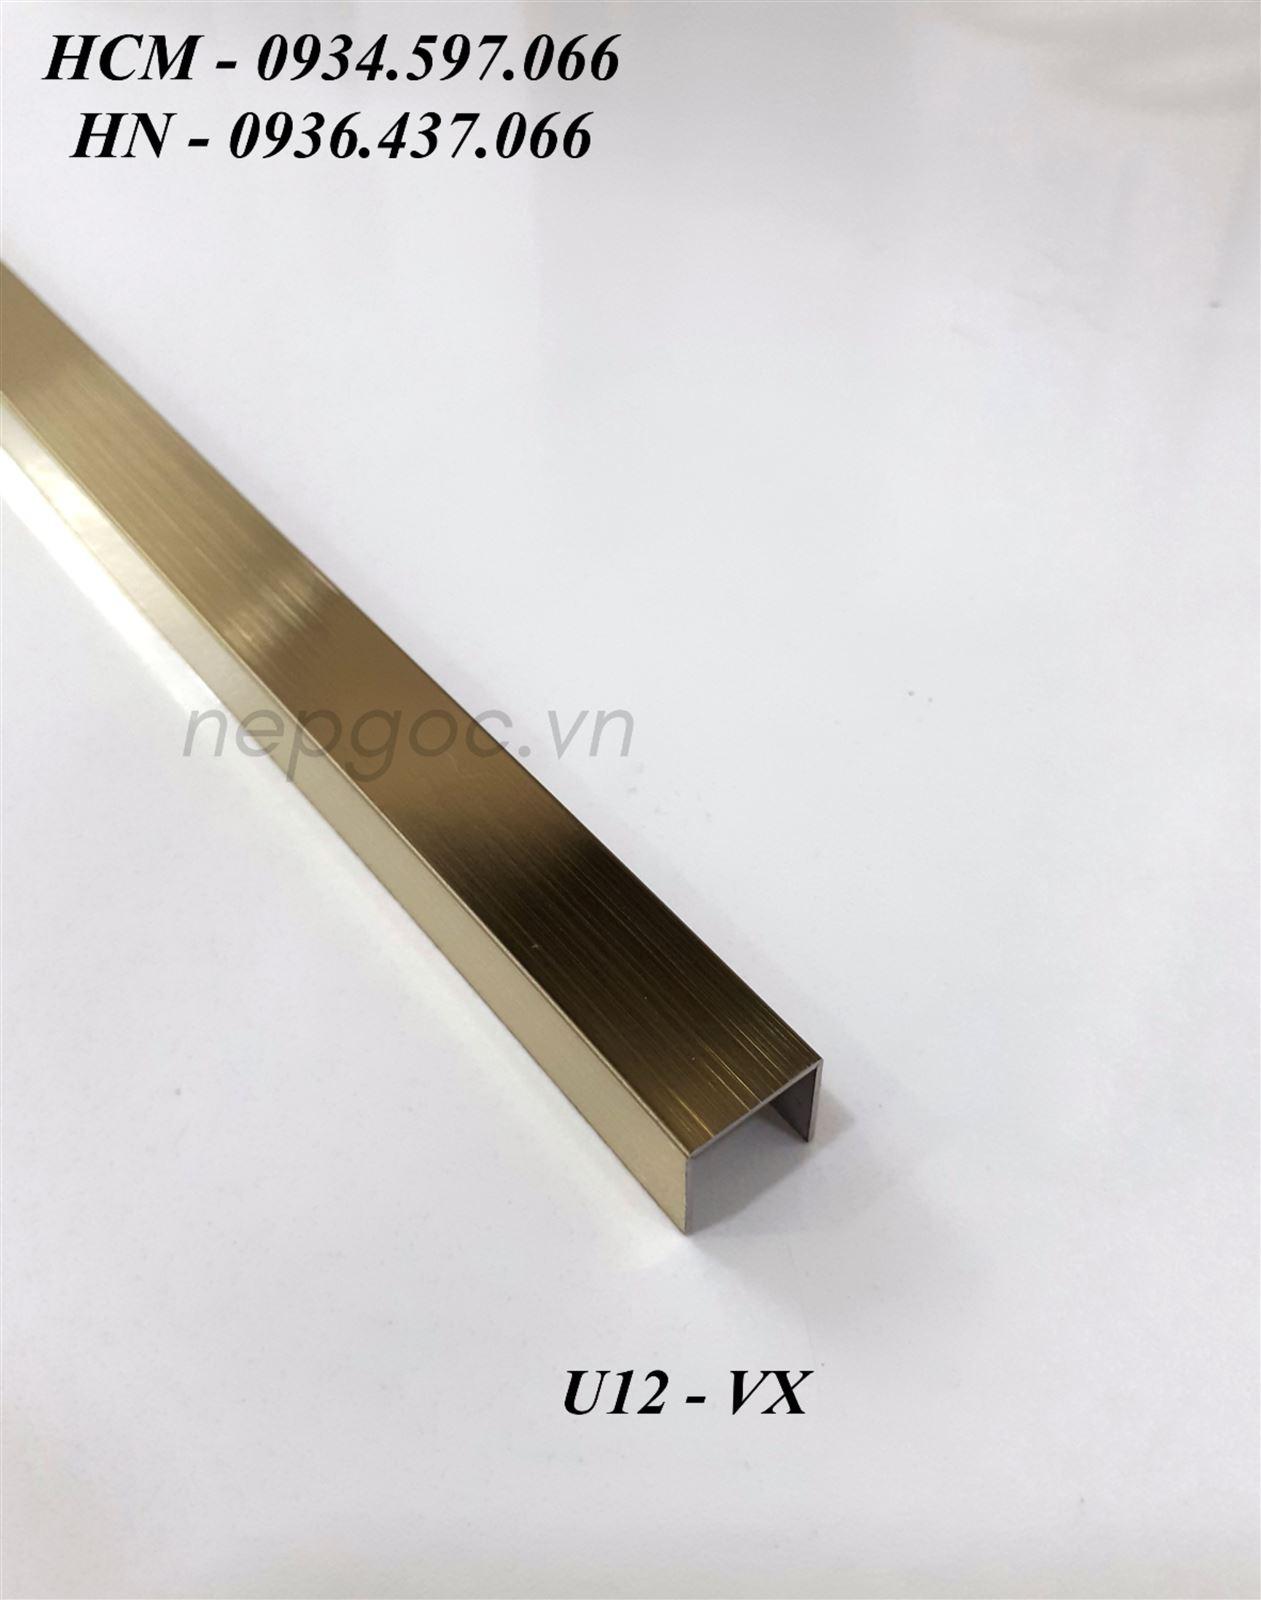 Nẹp Inox JECA U10x12x10mm màu vàng xước